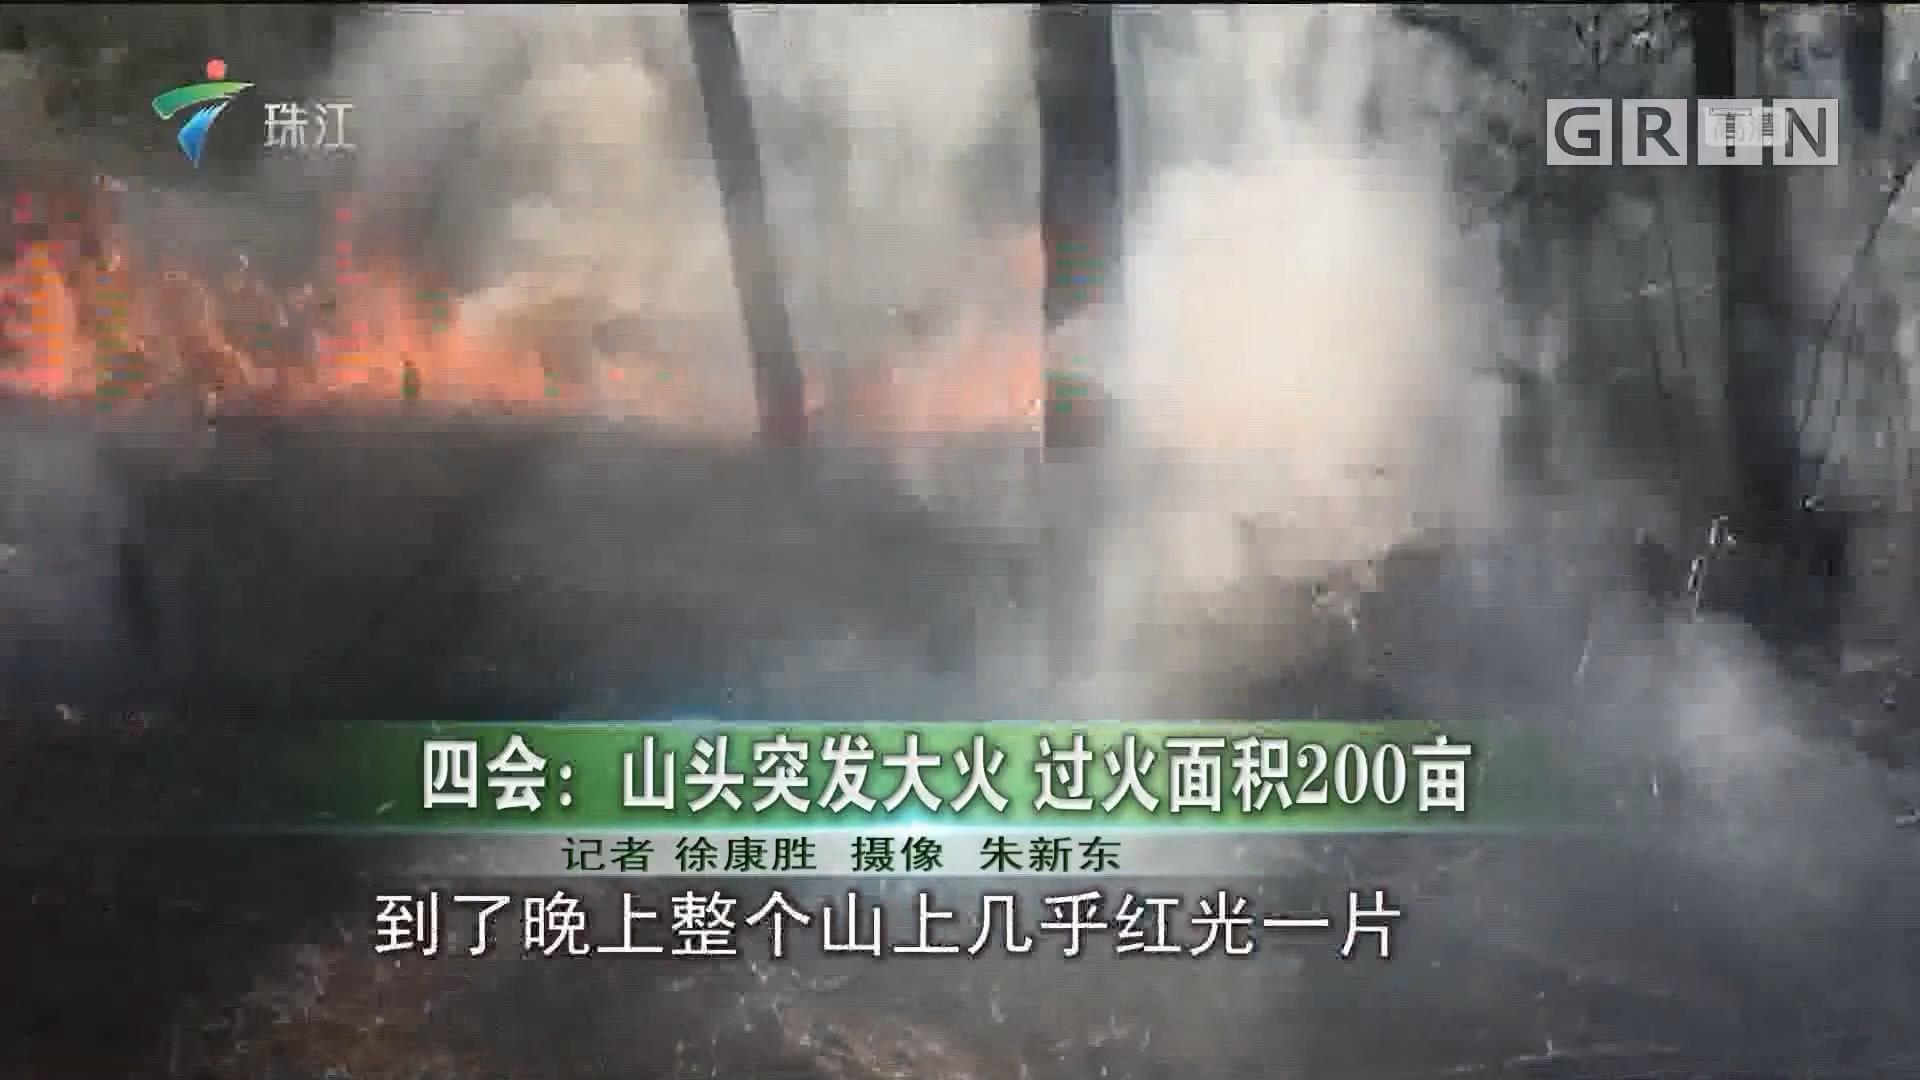 四会:山头突发大火 过火面积200亩